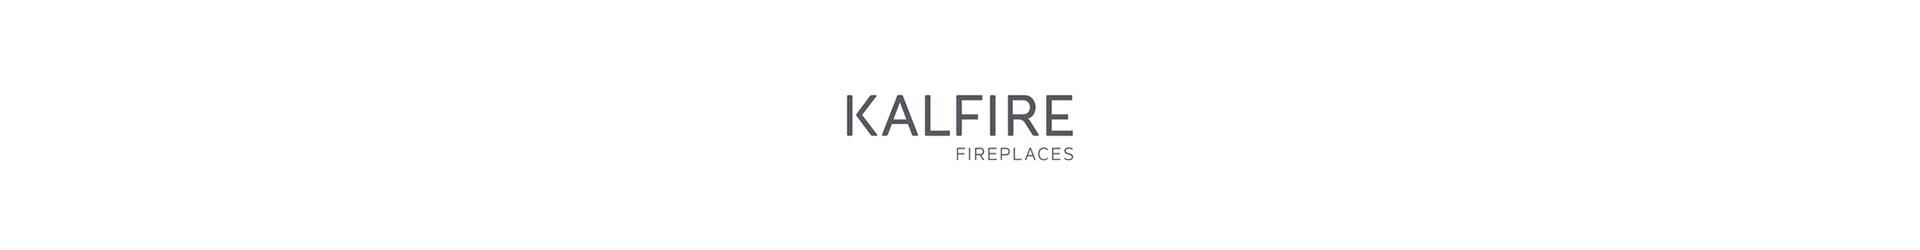 Kalfire-Banner